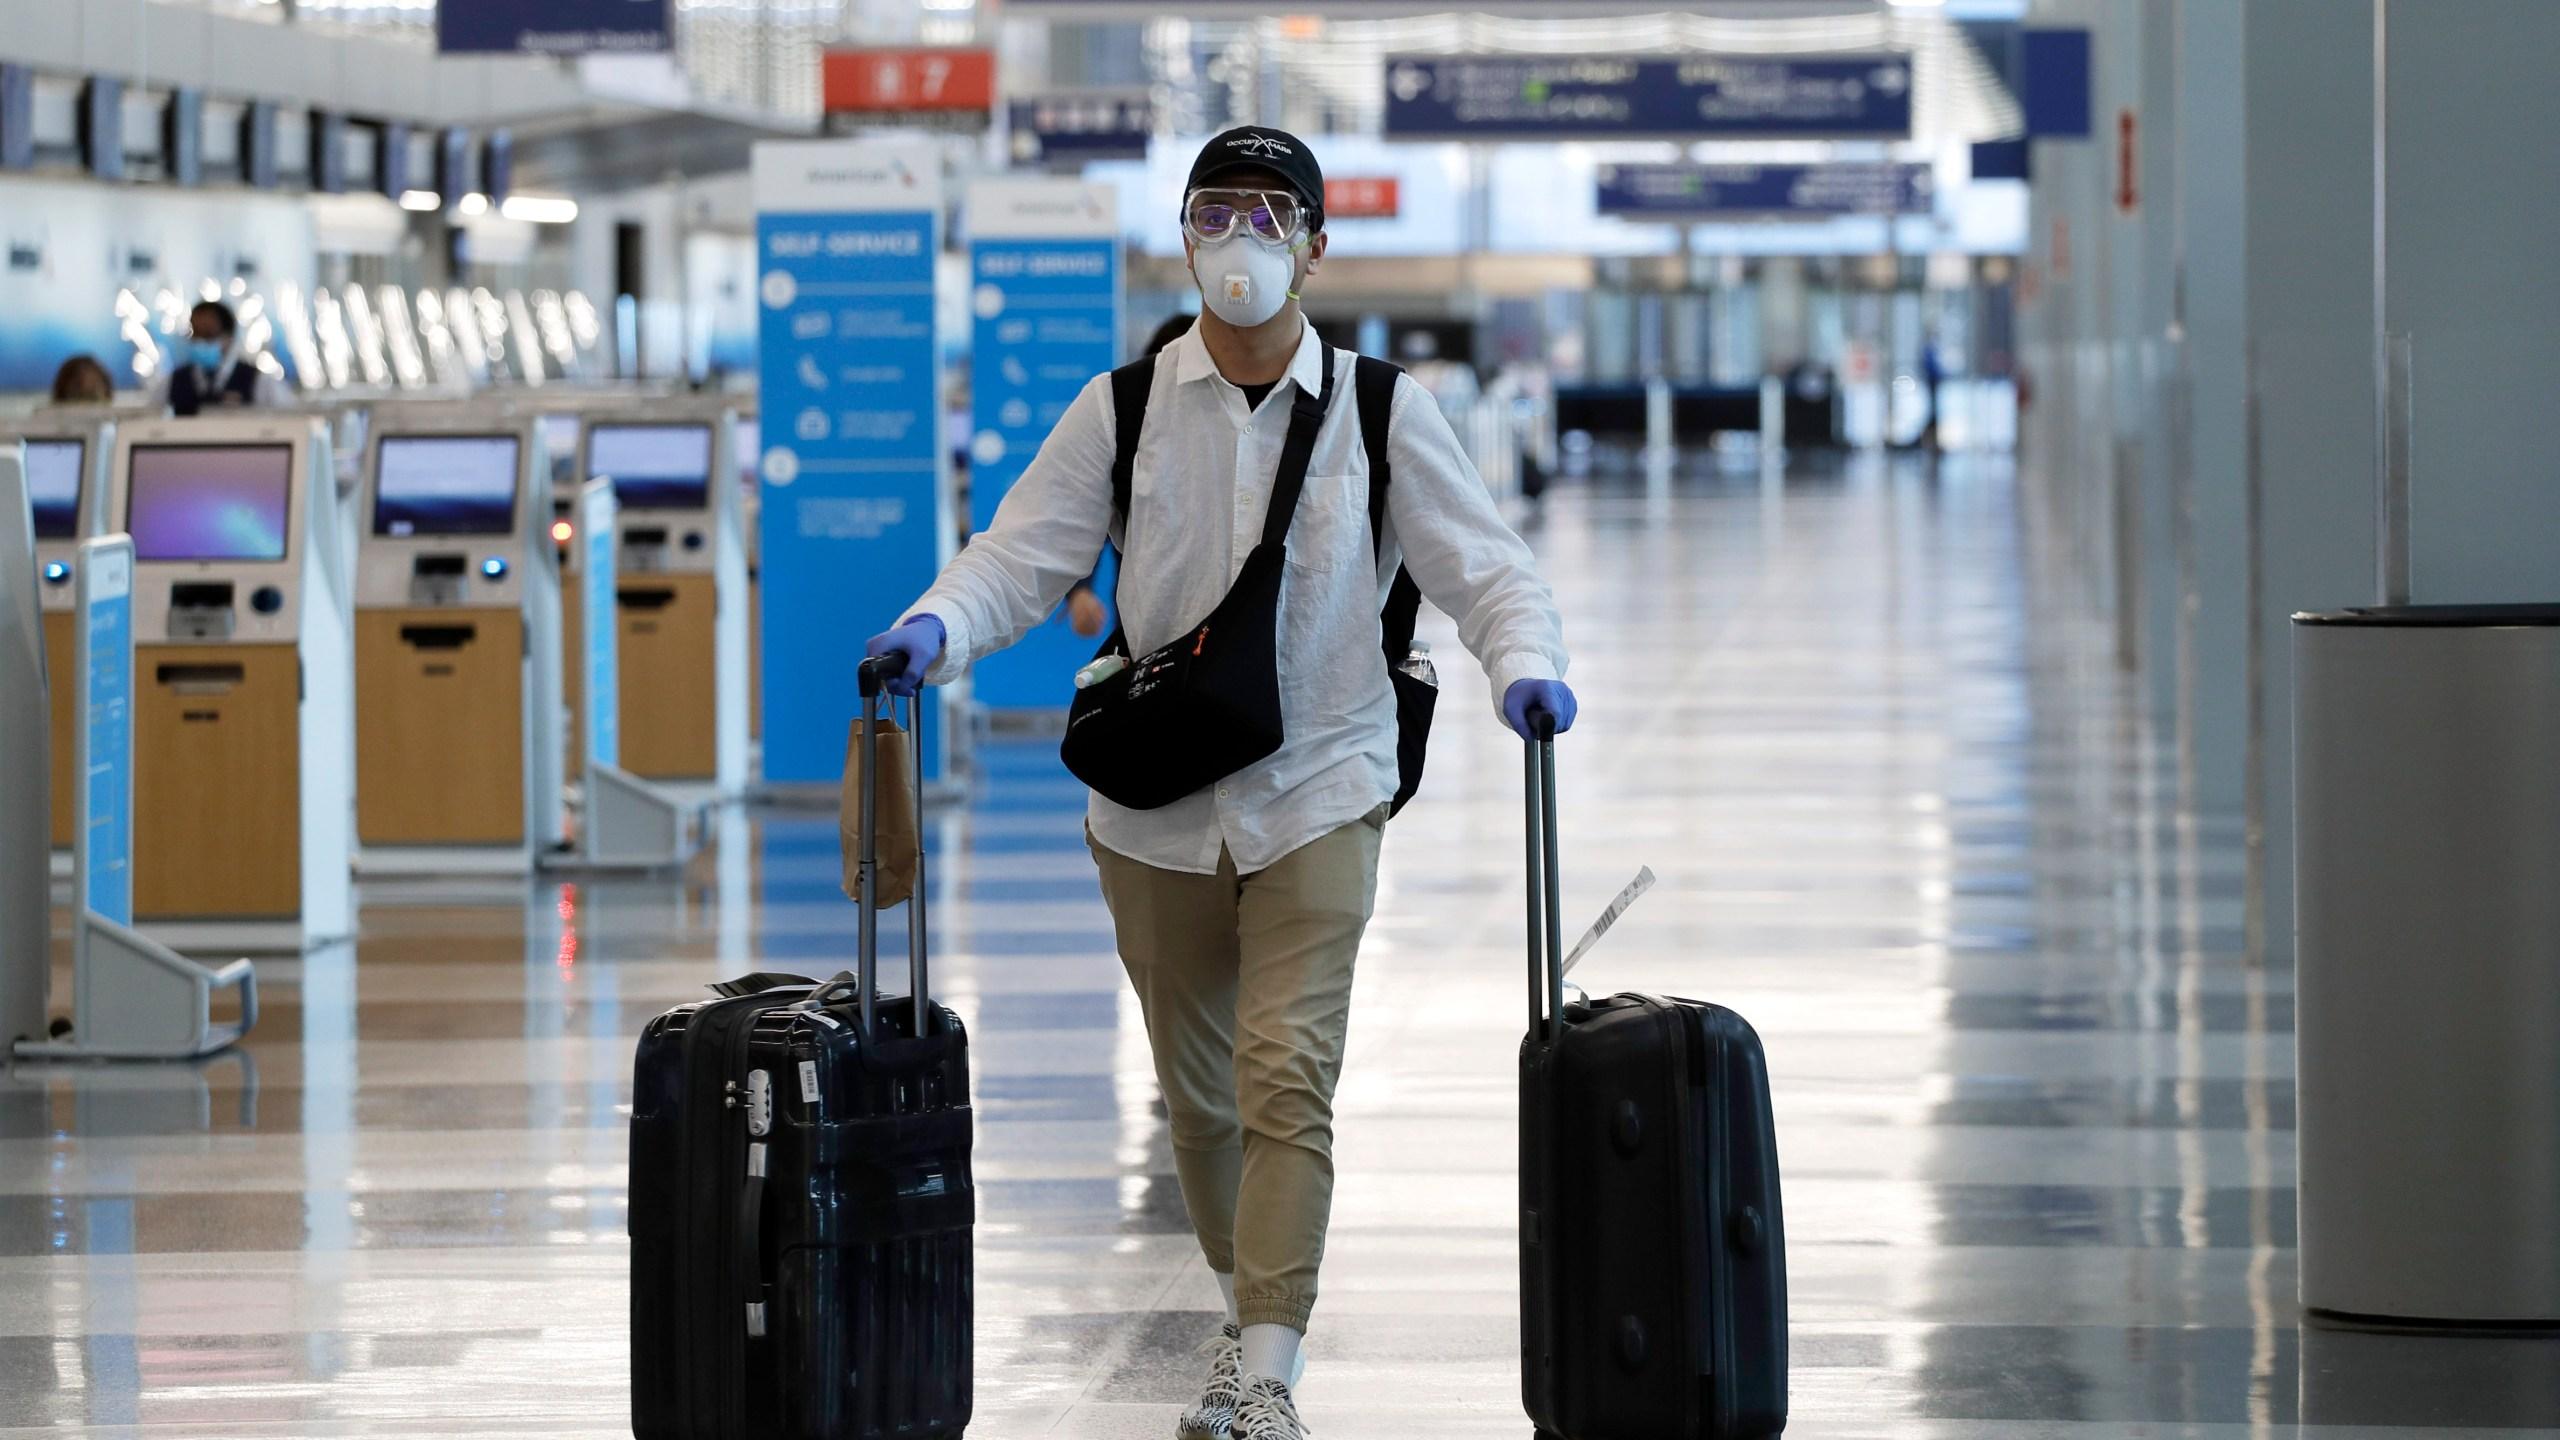 Air traveler, airport